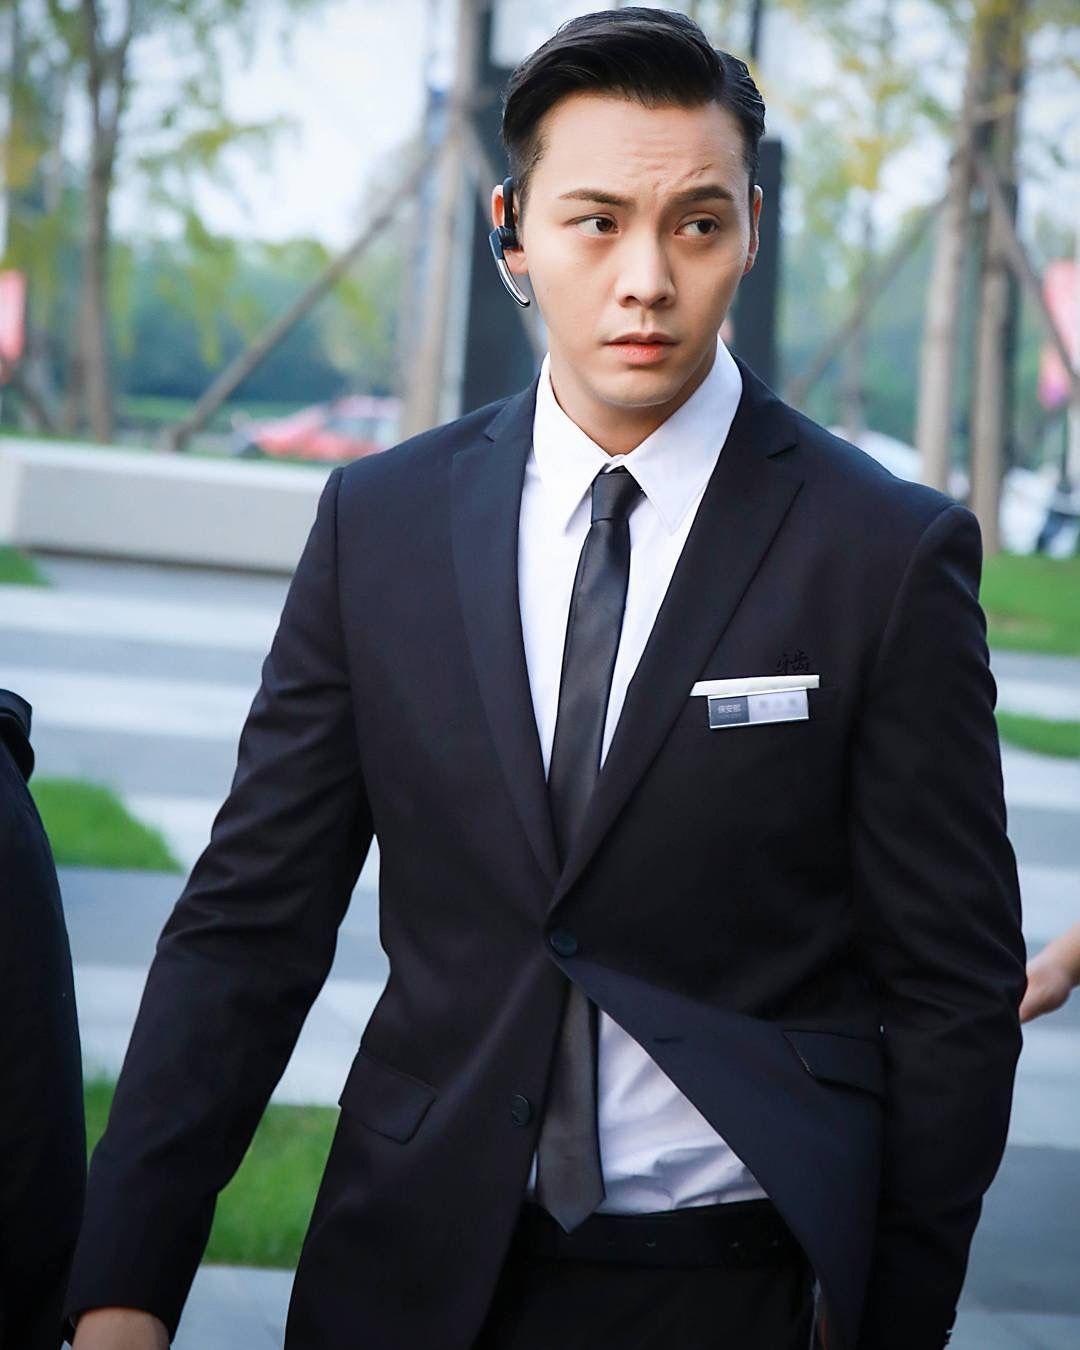 'Người tình' của Dương Mịch bị chụp lén bí mật hẹn hò với siêu mẫu Victoria's Secret trong ngày thất tịch? 7